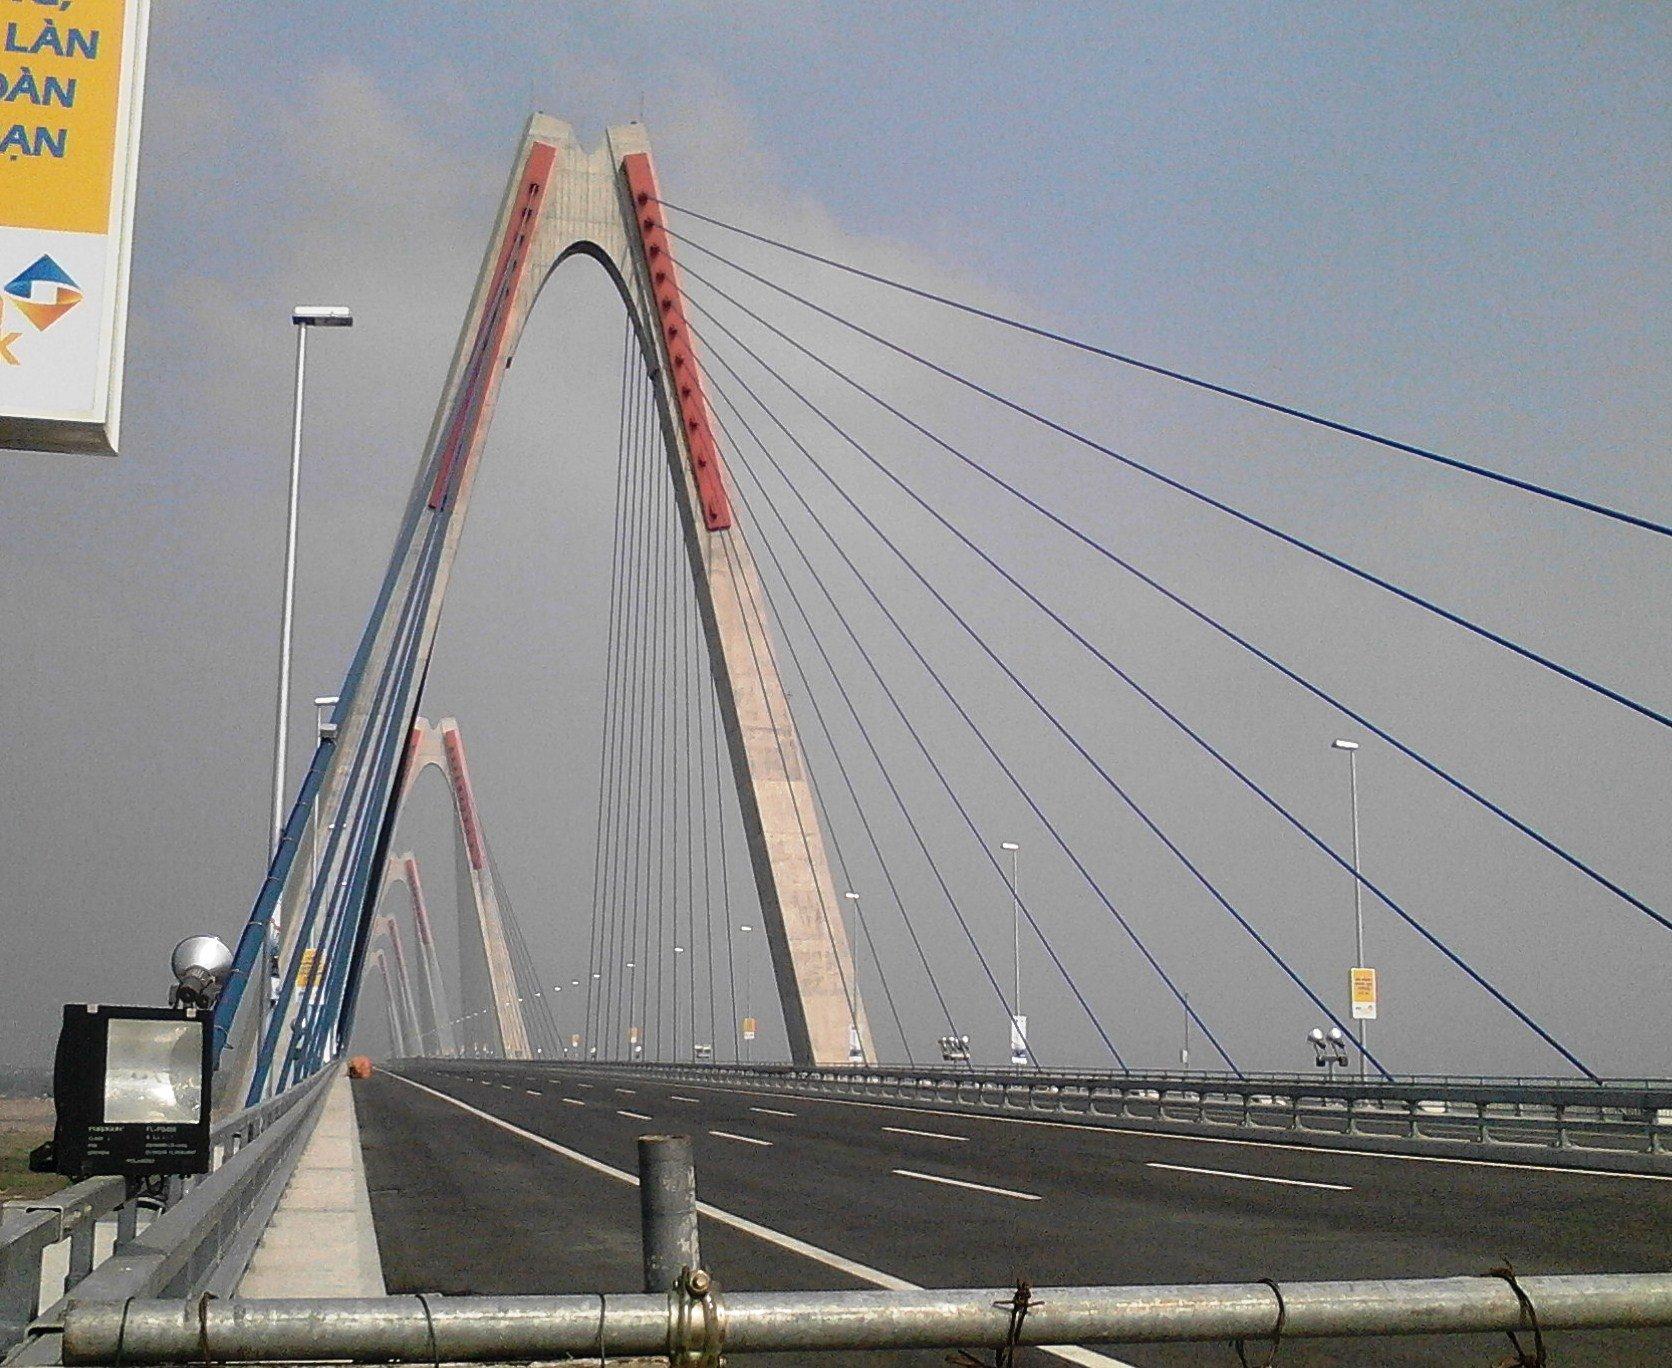 Chùm ảnh cầu dây văng gần 14 tỷ vượt sông Hồng 7